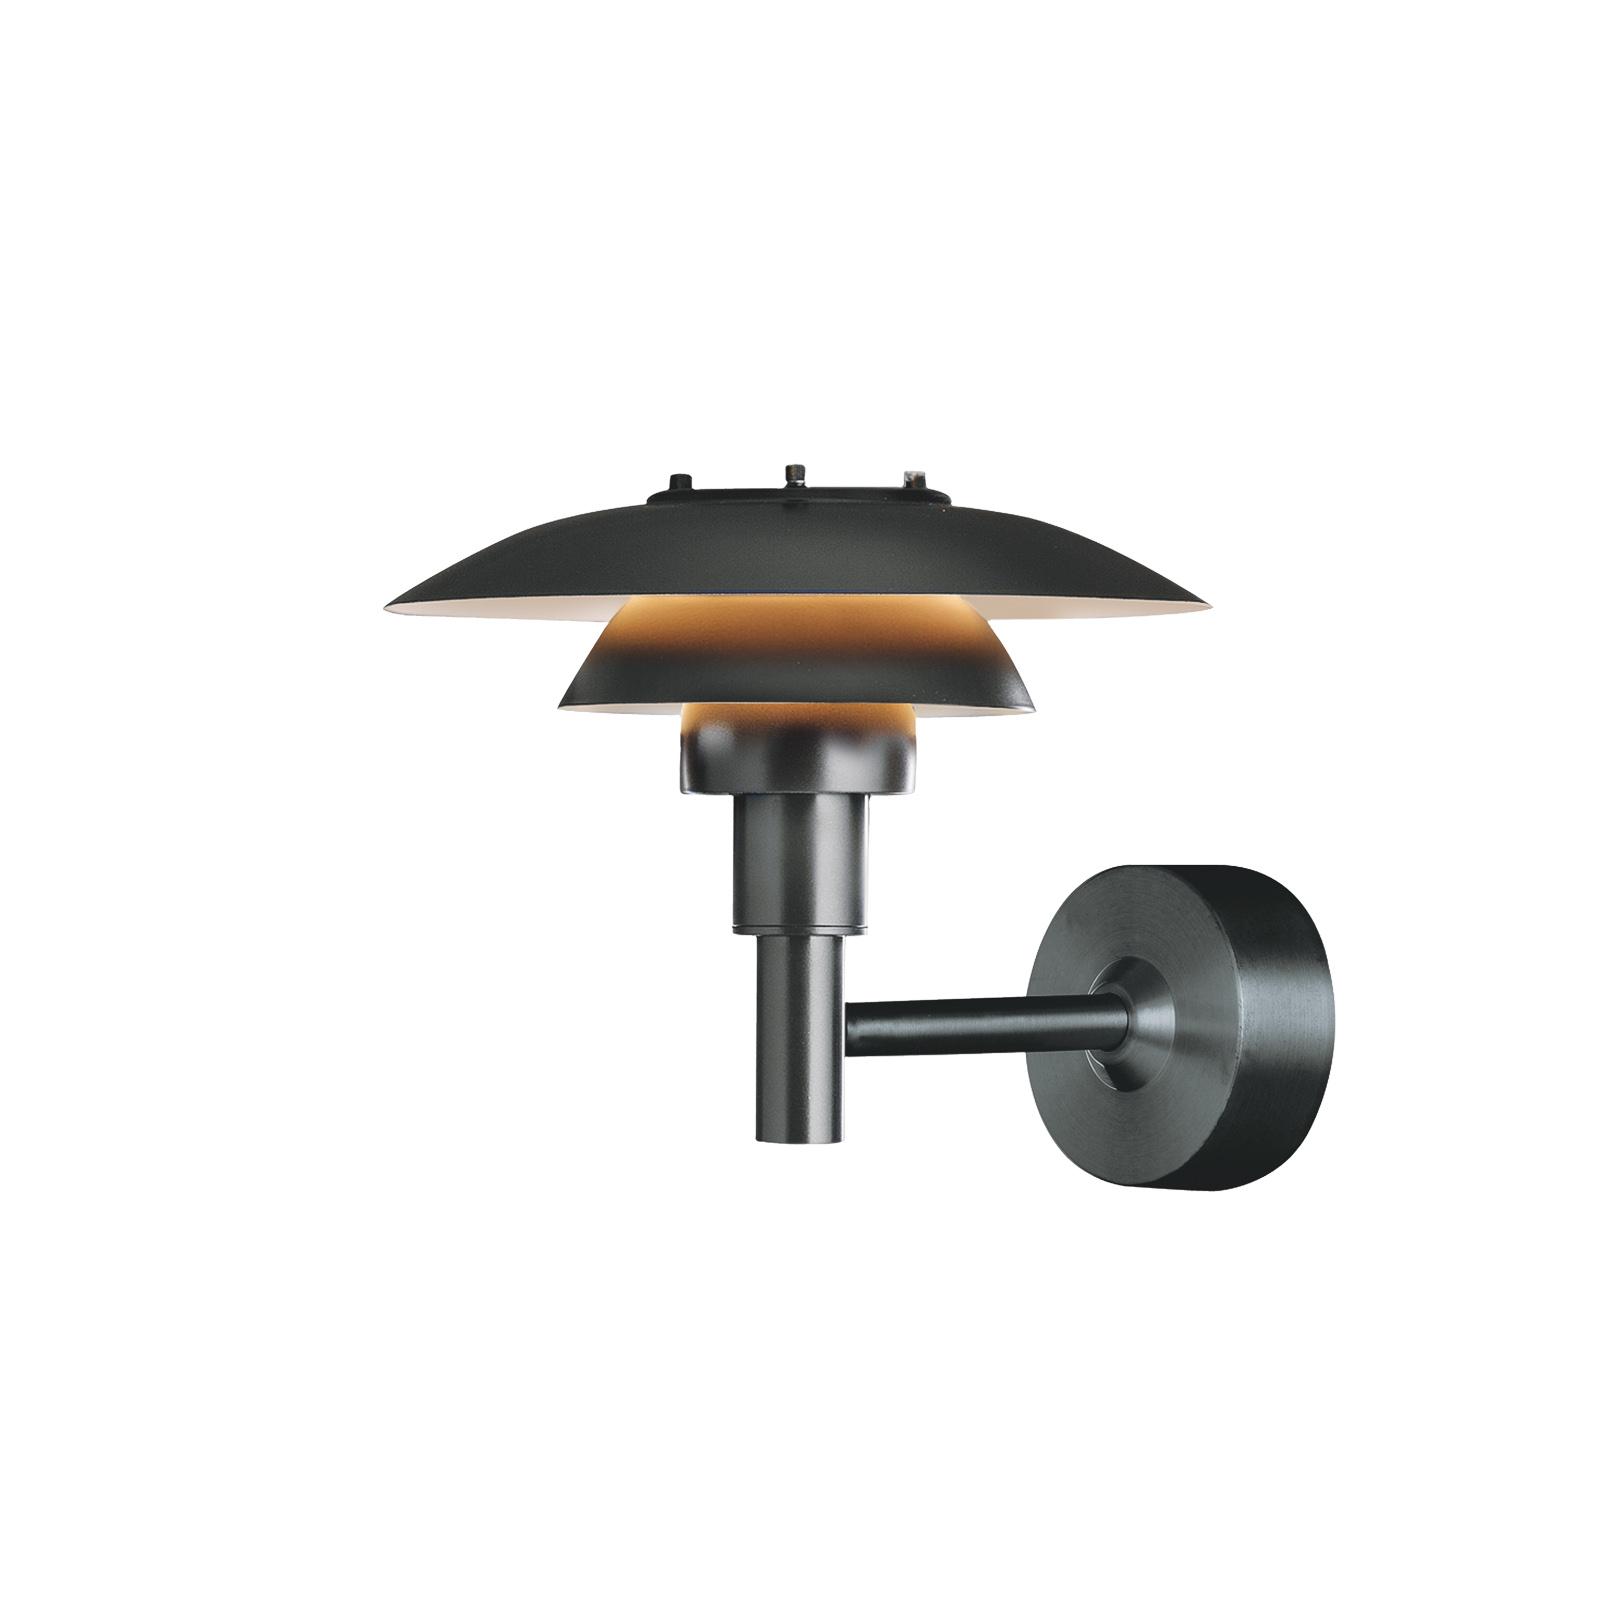 Louis Poulsen PH 3-2 1/2 væglampe af rustfrit stål